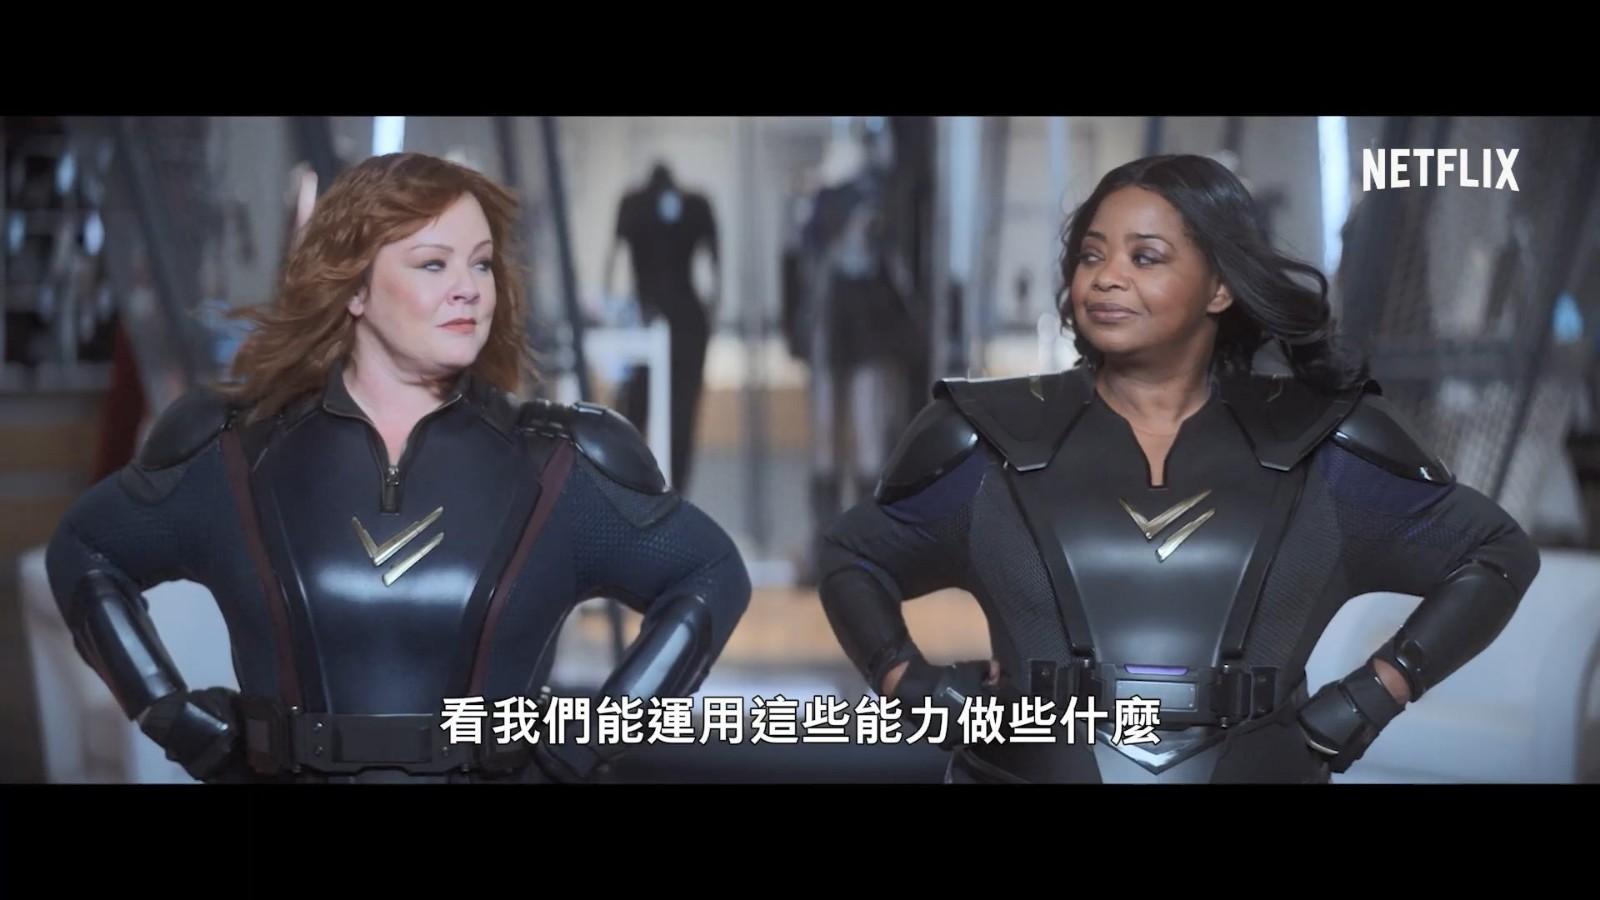 身材发福不影响拯救世界 另类超英剧集《雷霆女神》4月9日播出